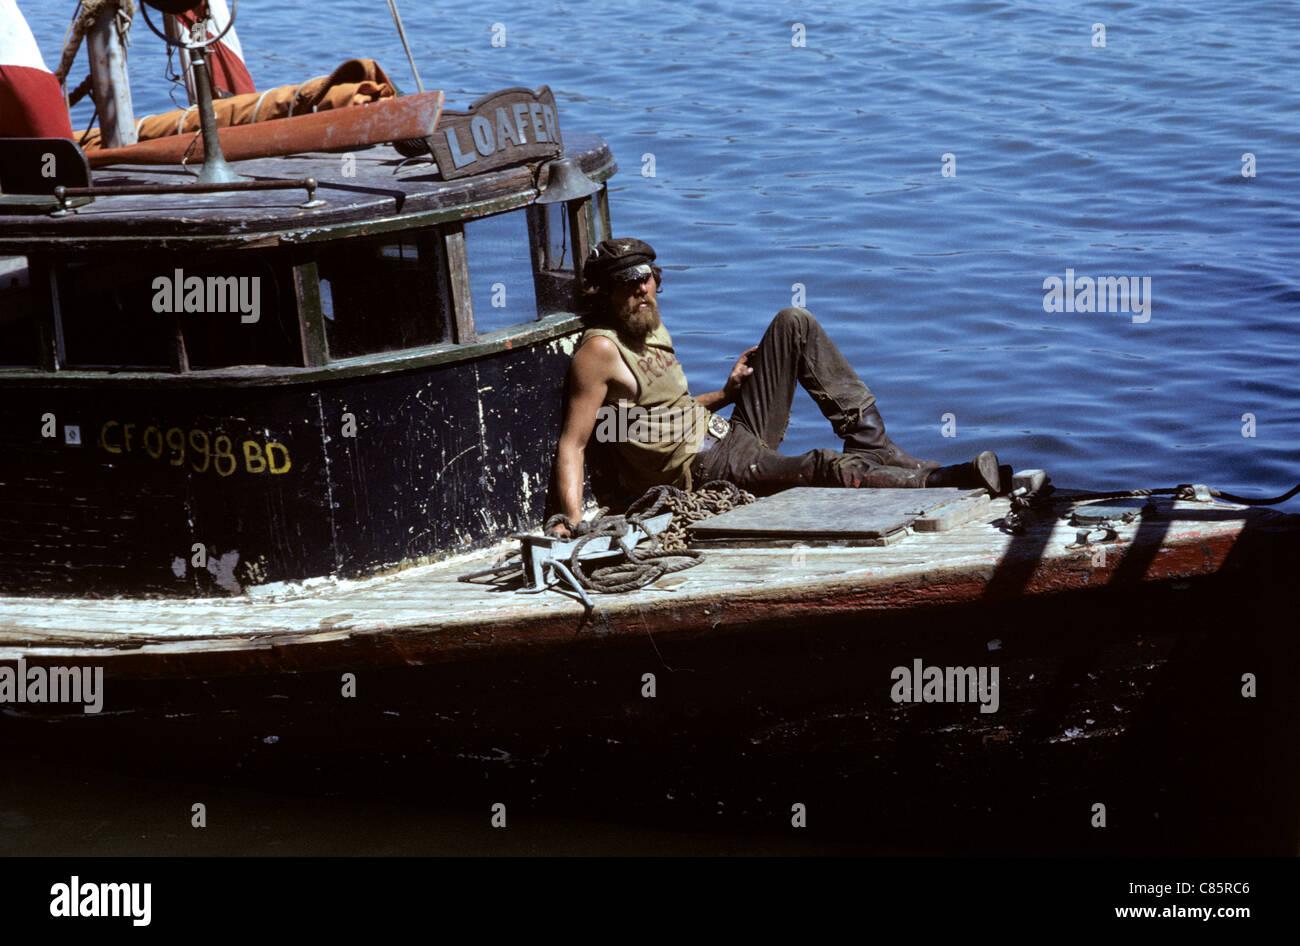 1970s Man Hippy Stock Photos Amp 1970s Man Hippy Stock Images Alamy